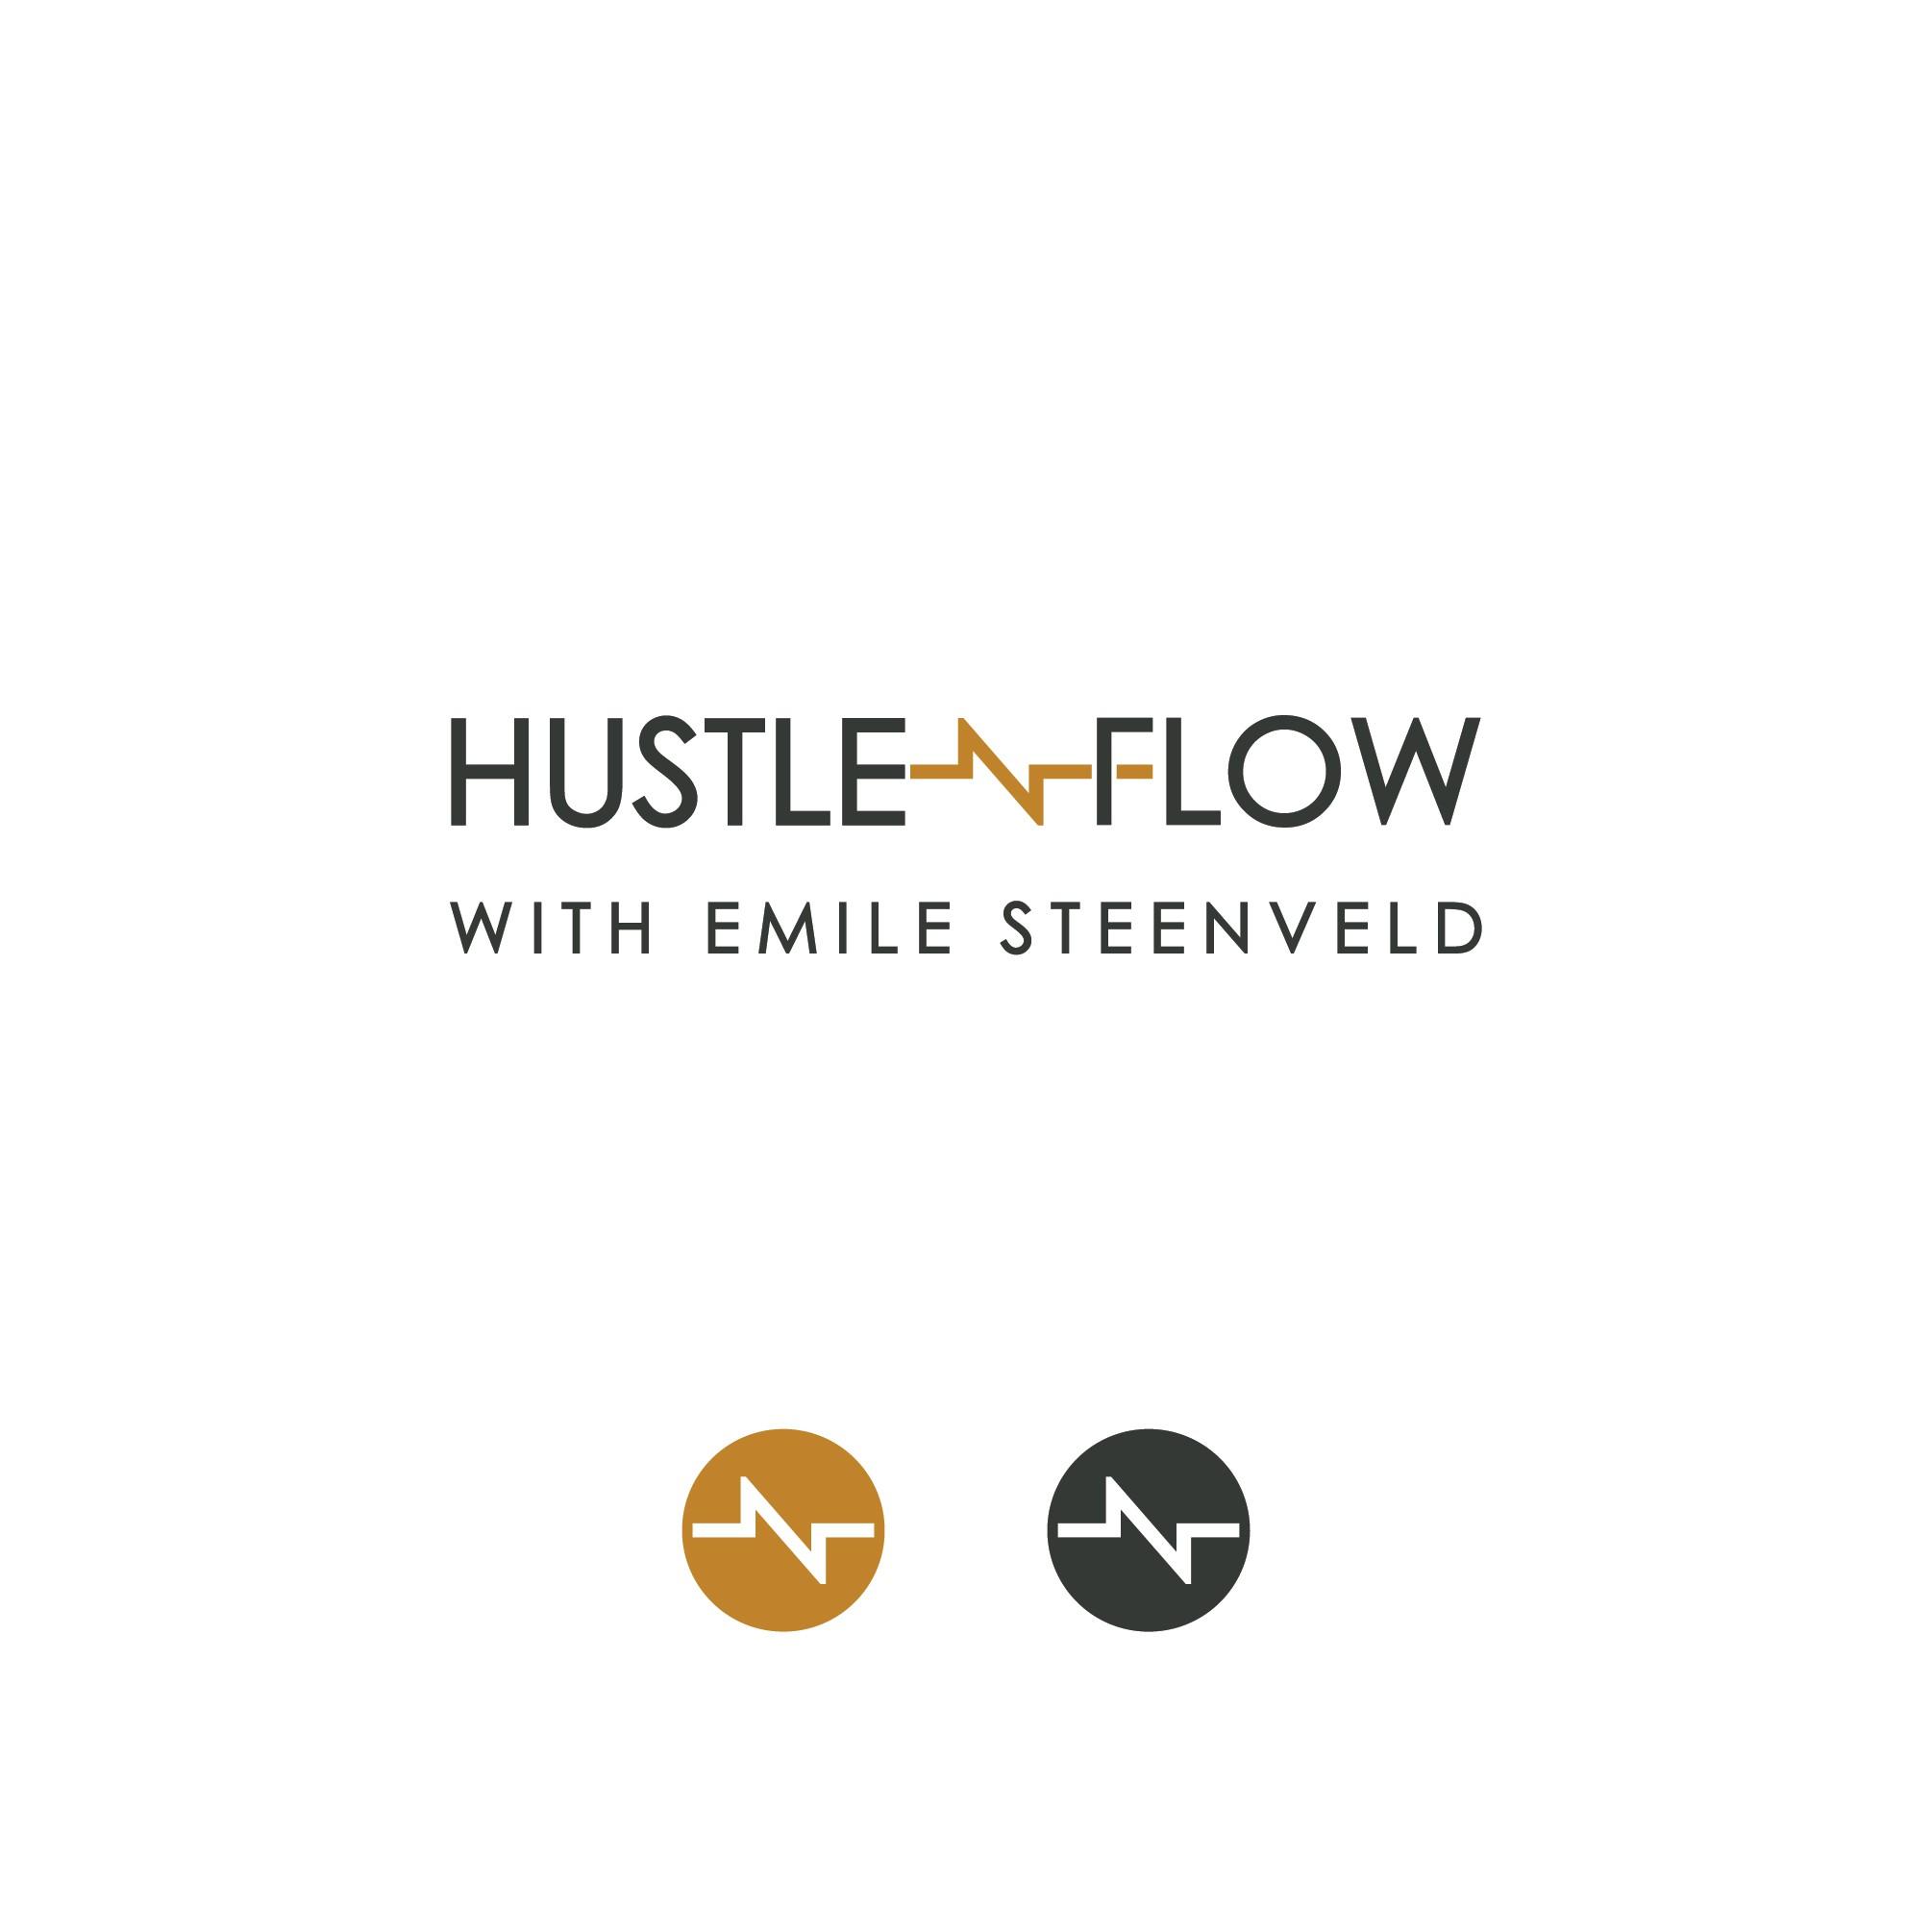 Podcast HUSTLE n FLOW Podcast Logo - Blending the feminine and the masculine